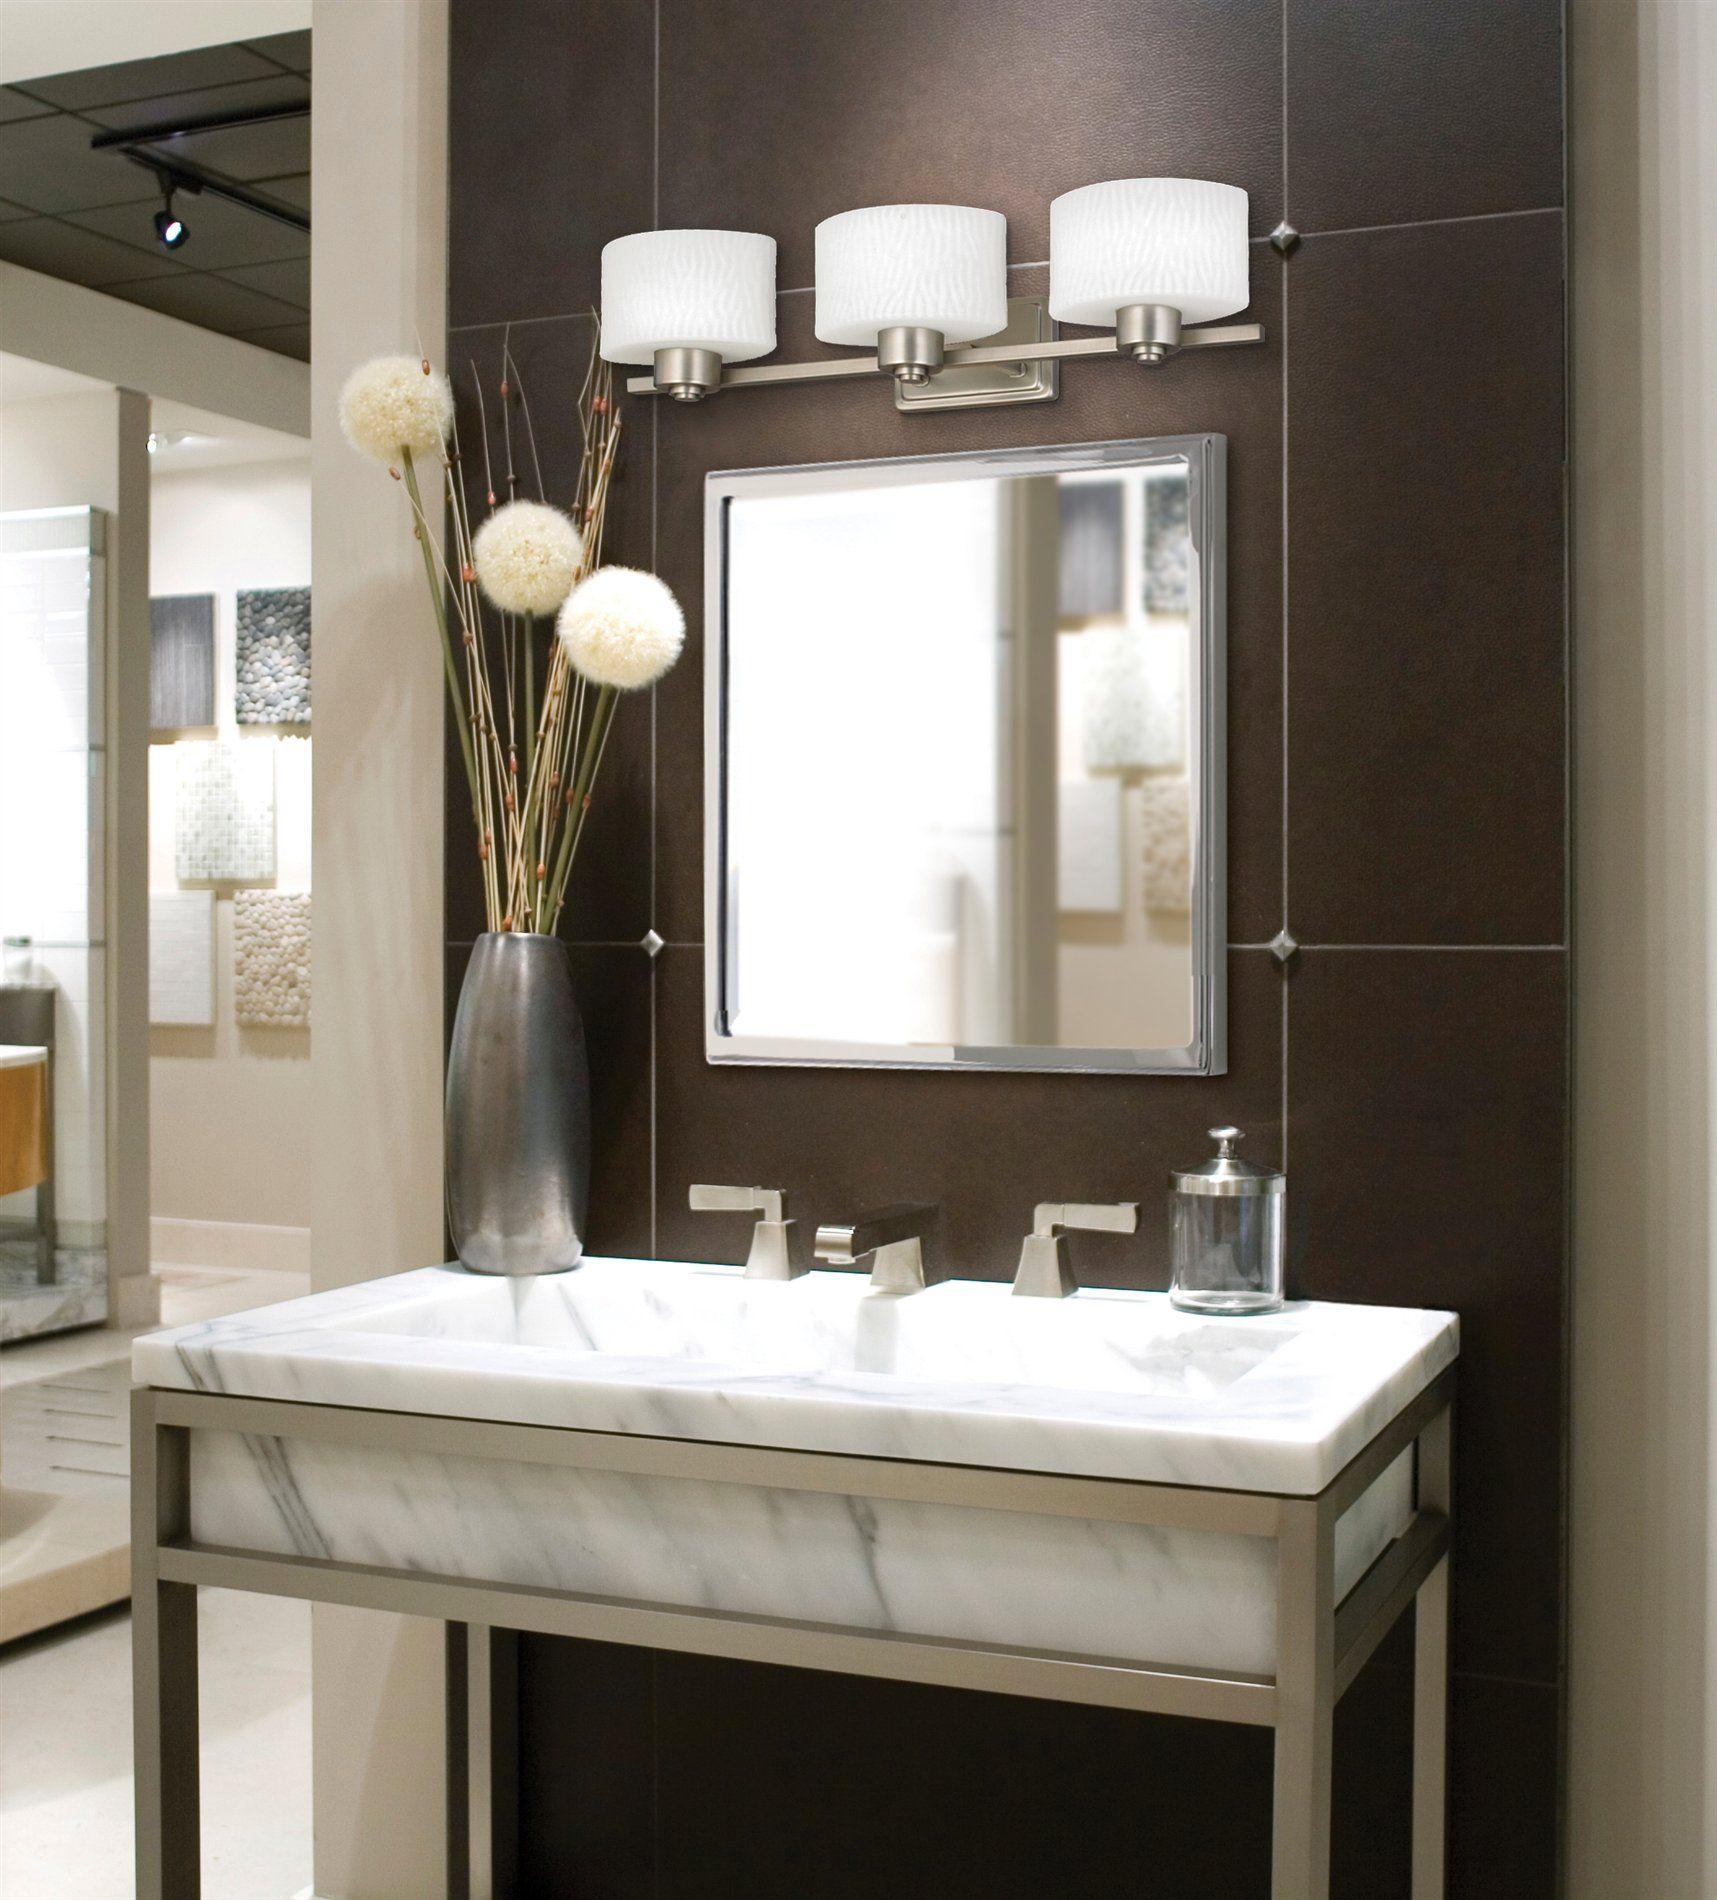 Verfuhrerische Bad Leuchte Lasst Sie Staunen Wohnzimmer